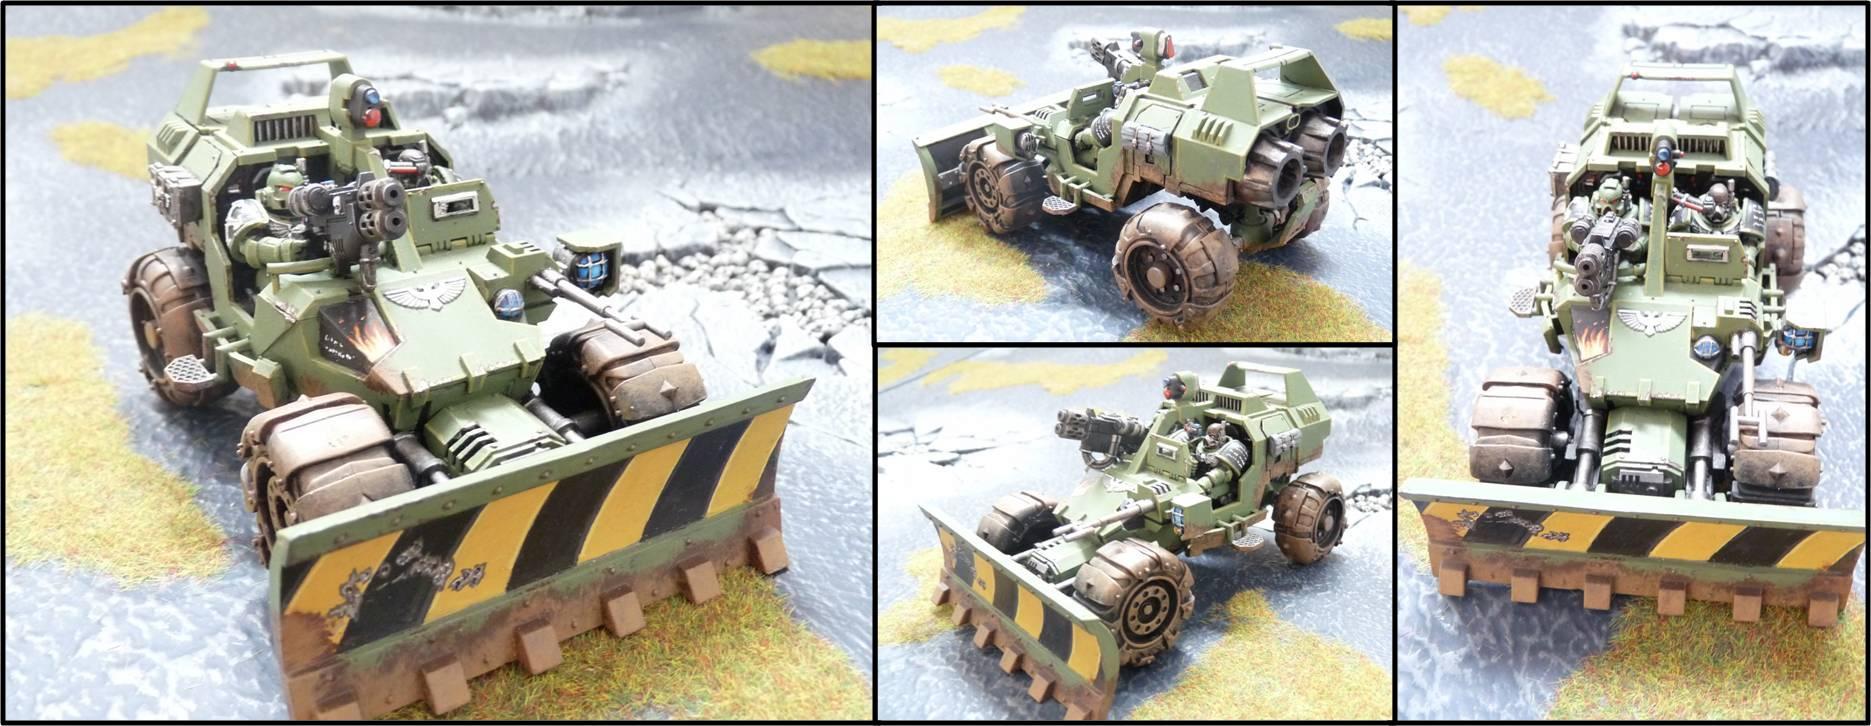 Attack Bike, Buggy, Jeep, Land Speeder, Space Marines